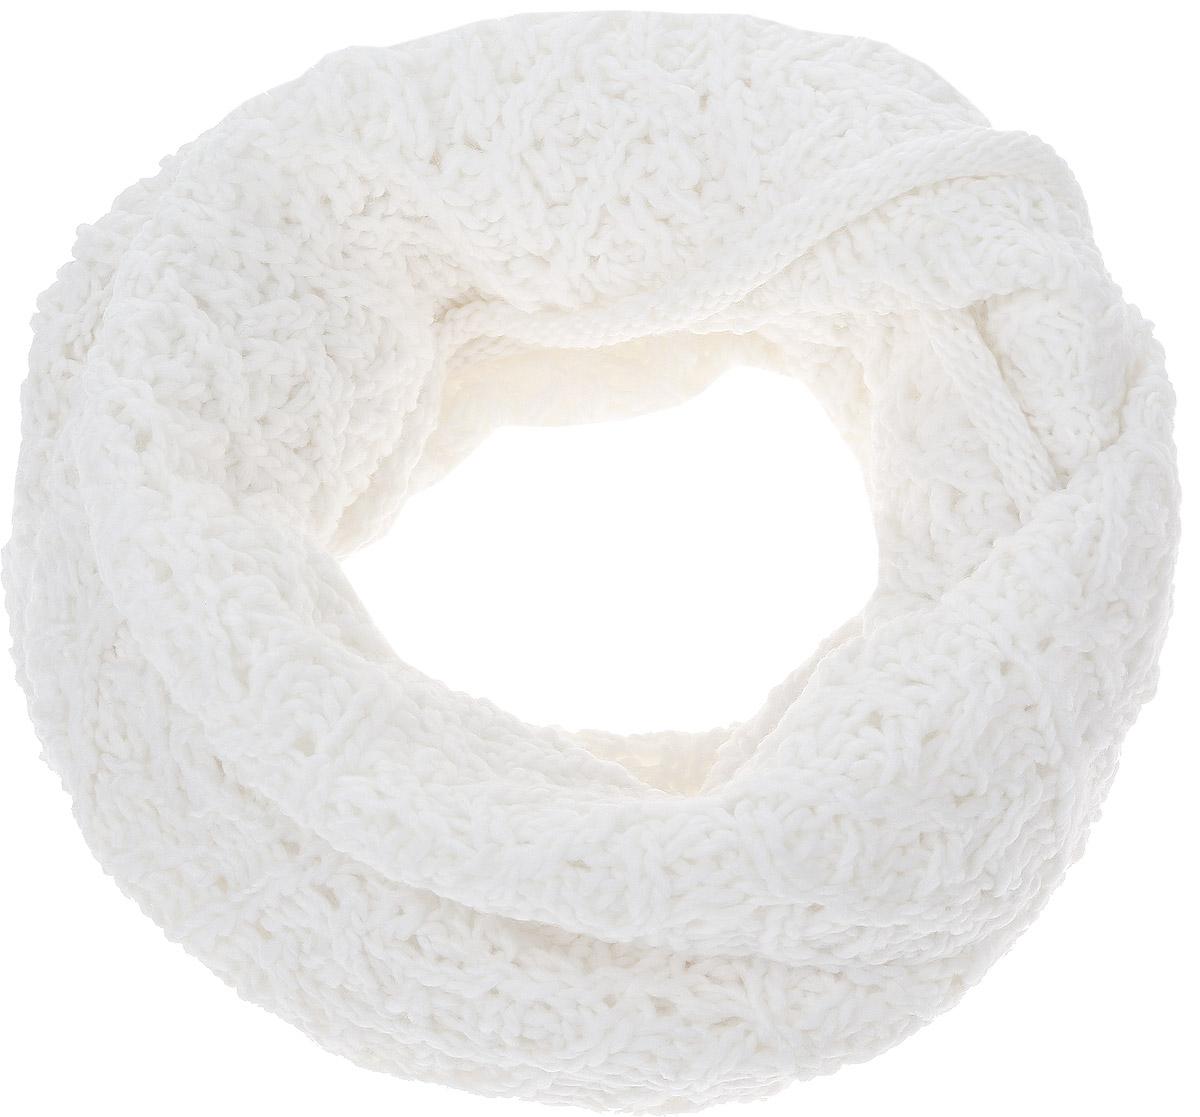 Снуд-хомут женский Snezhna, цвет: белый. 44452/2. Размер 120 см х 40 см44452/2Женский вязаный снуд-хомут Snezhna выполнен из сочетания высококачественного акрила и теплой шерсти, отлично подойдет для повседневной носки в прохладную погоду.Модель связана кольцом и выполнена оригинальной узорчатой вязкой. Изделие мягко драпируется и красиво распределяется в области шеи.